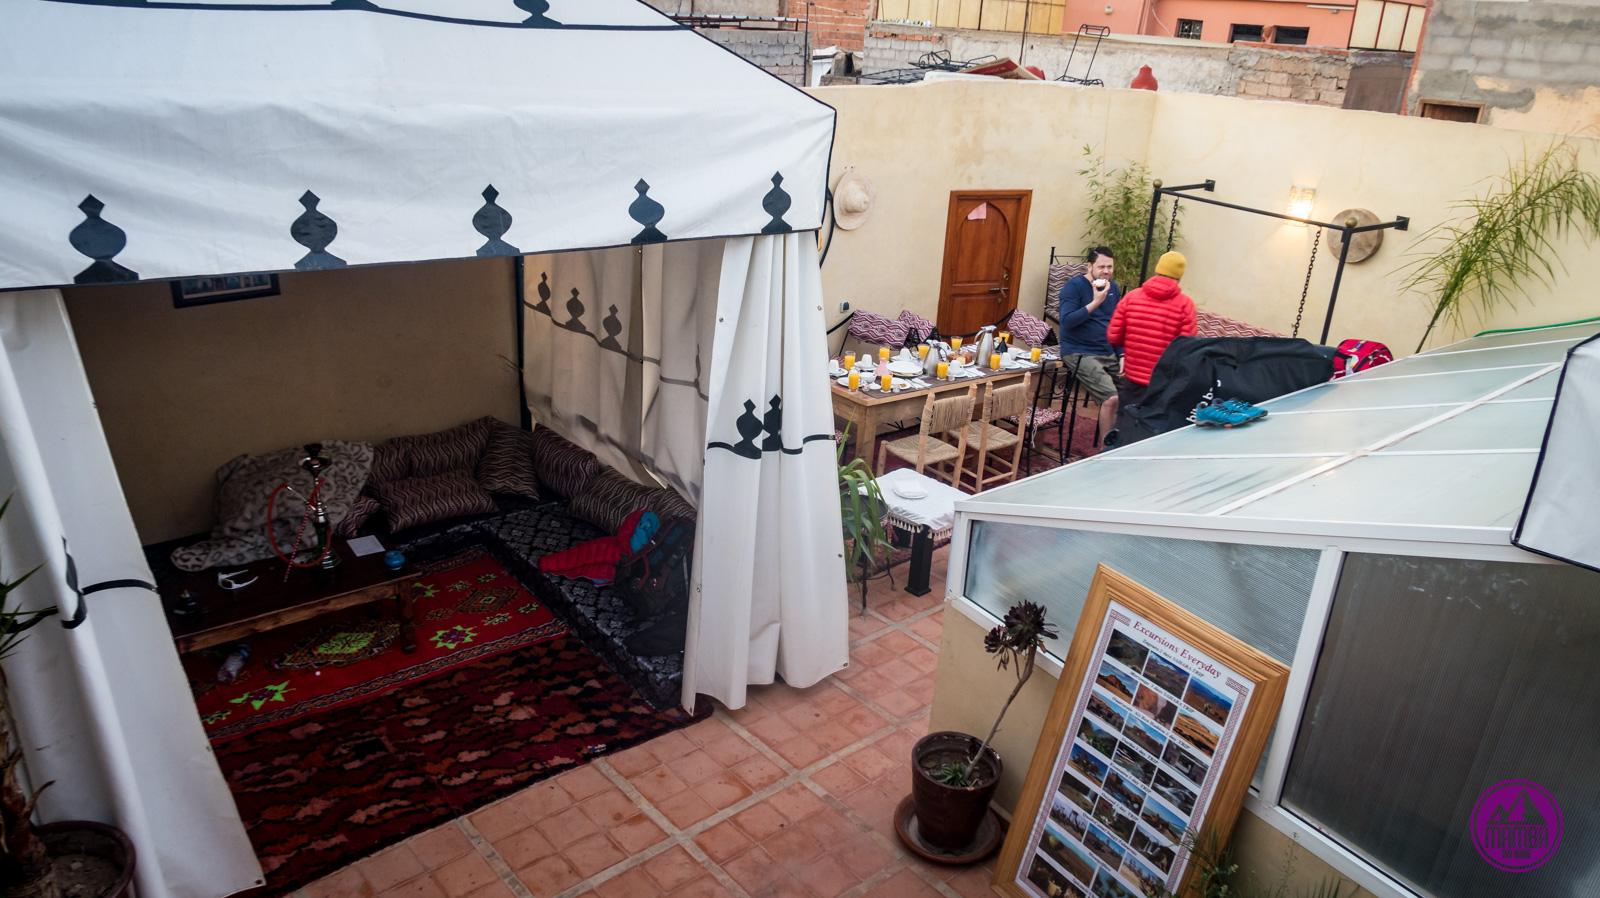 Maroko - śniadanie w hotelu